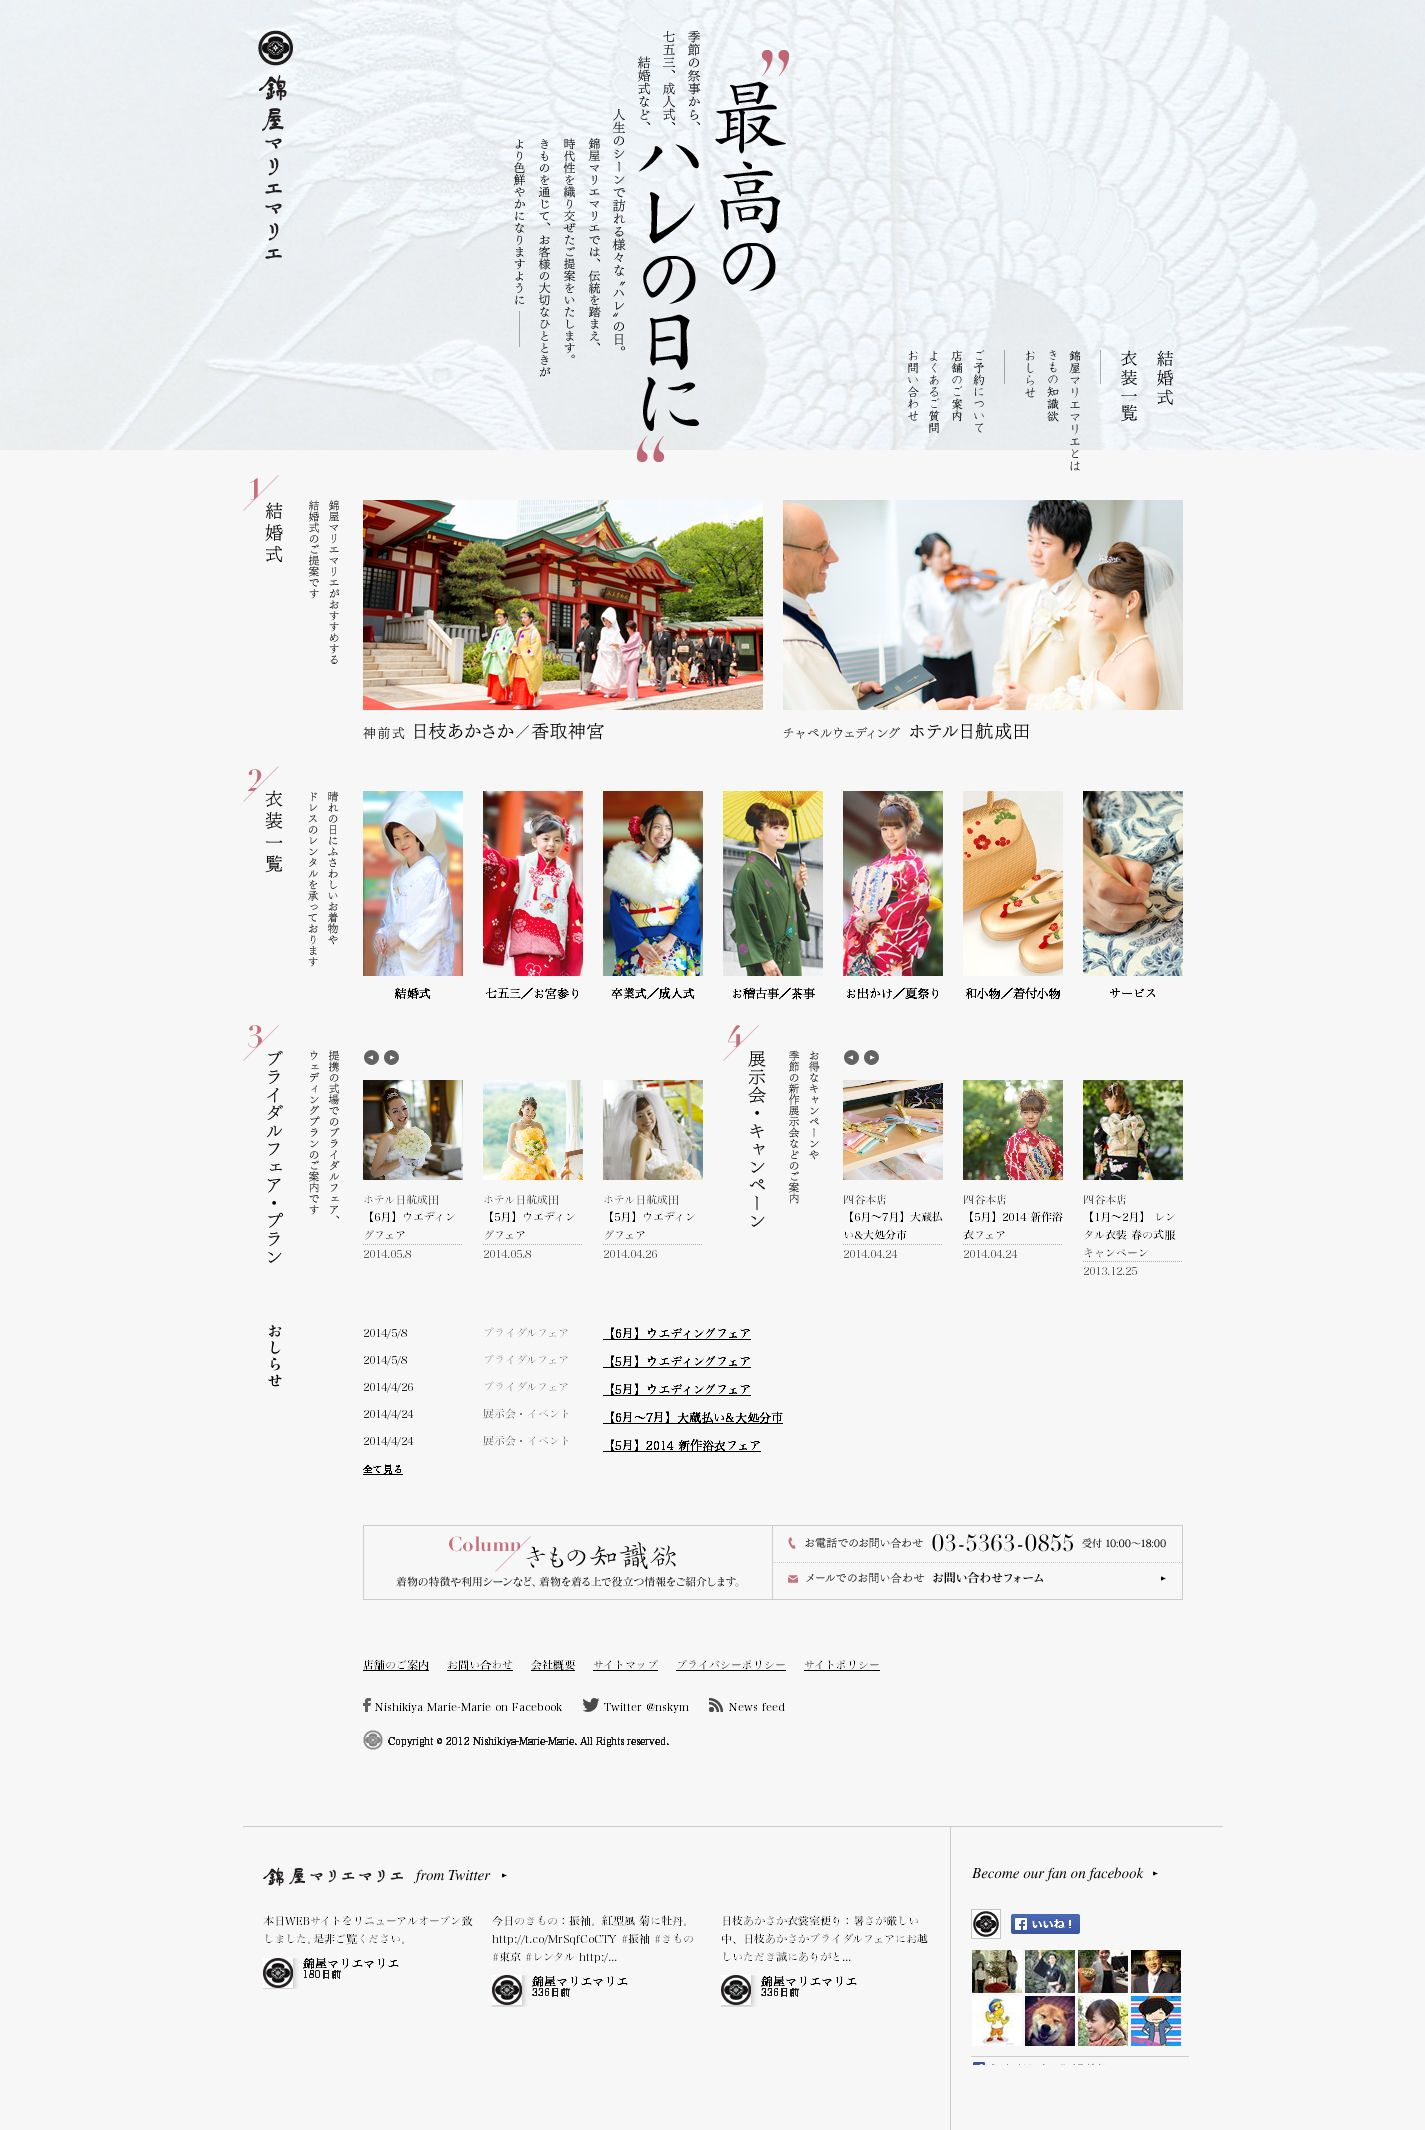 錦屋マリエマリエ ウェブデザイン Webデザイン Webサイトデザイン